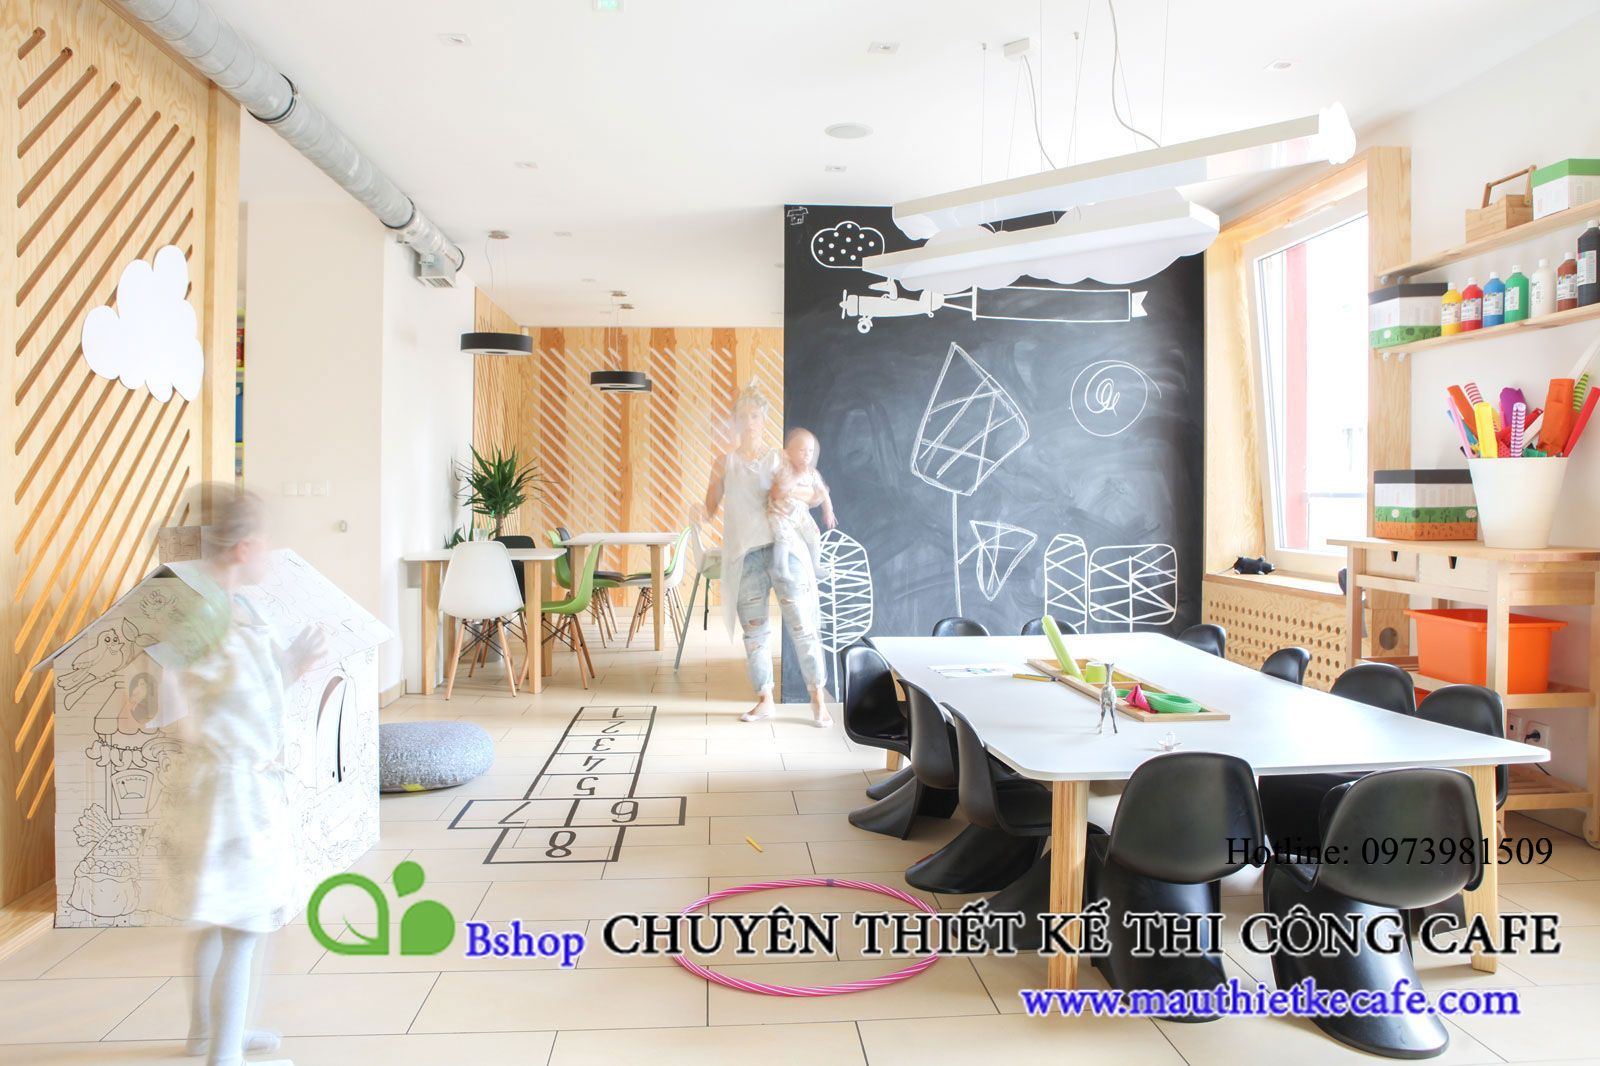 QUAN-CAFE-DANH-CHO-CAC-GIA-DINH-TRE (1)_MAUTHIETKECAFE.COM